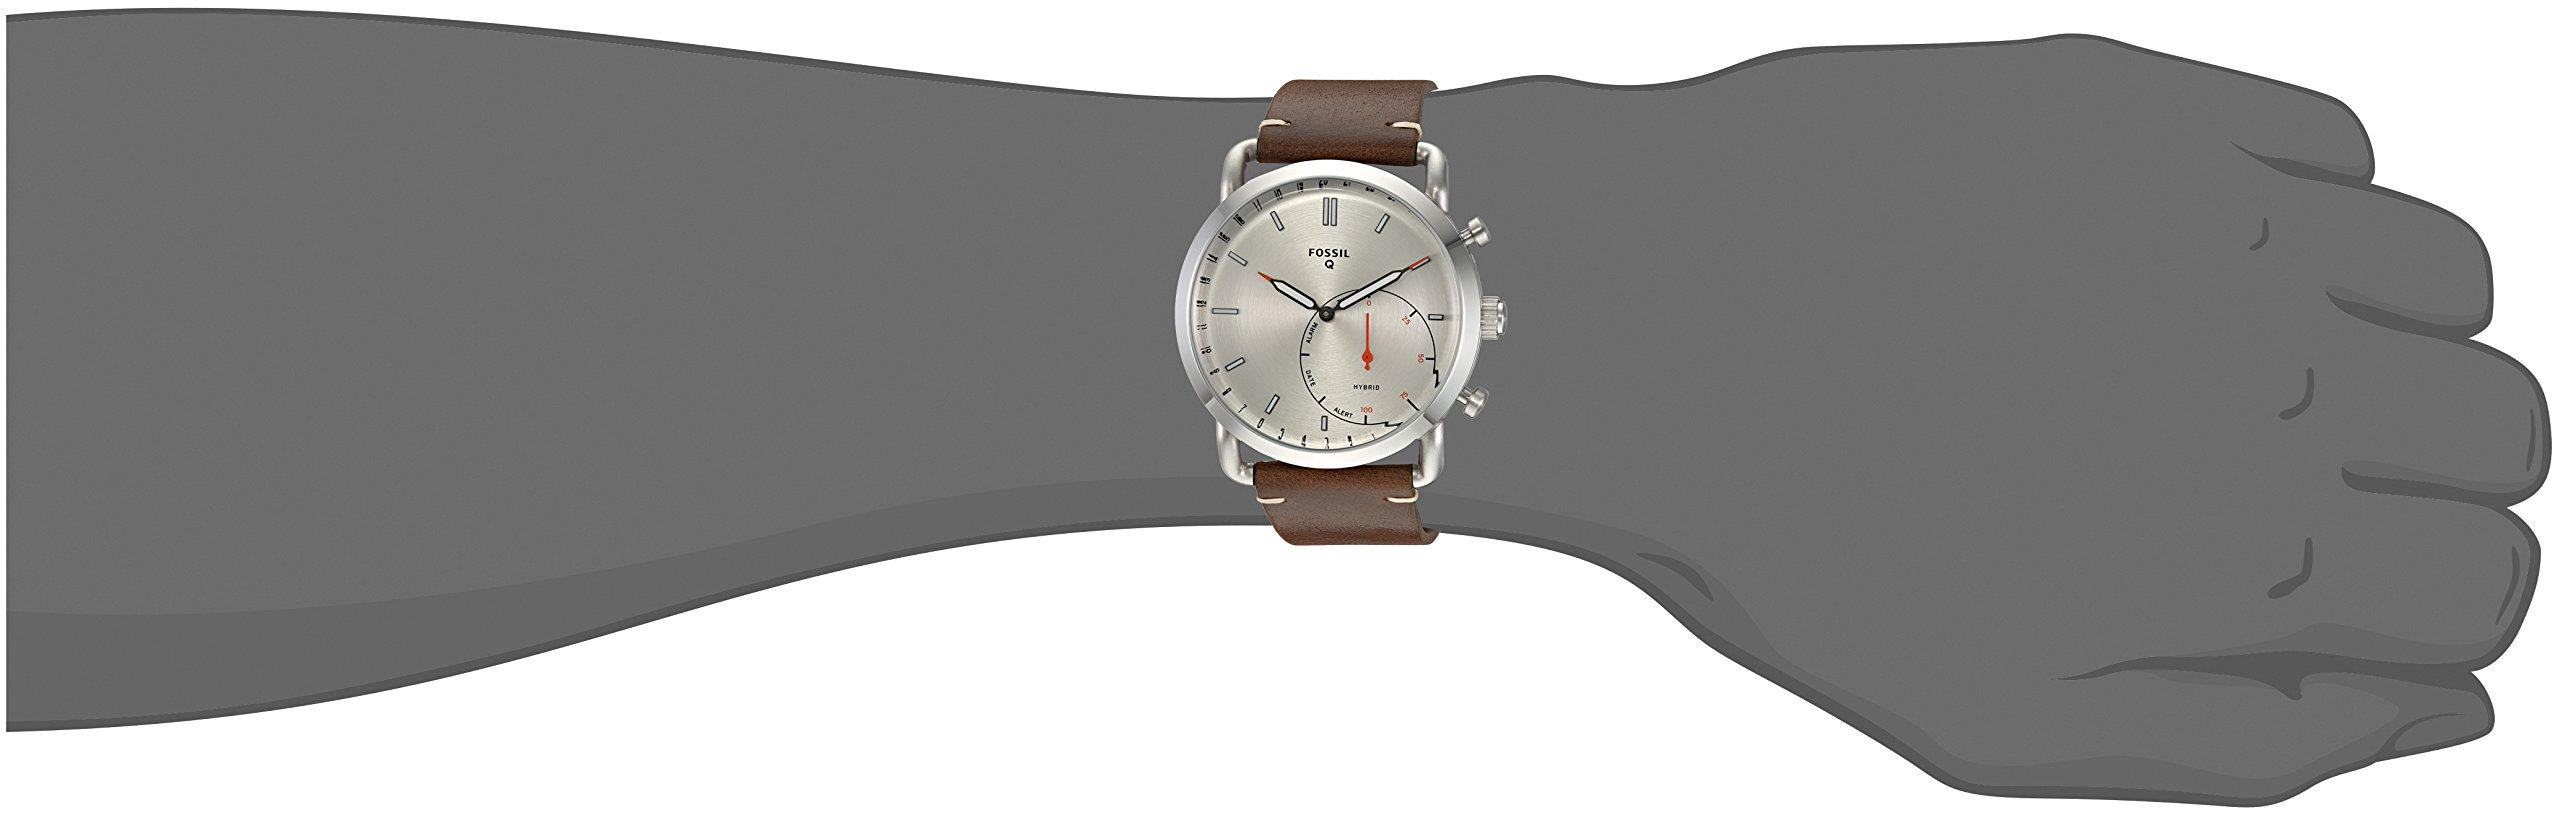 Fossil Hybrid Smartwatch Q Commuter Dark Brown Leather Ftw1150